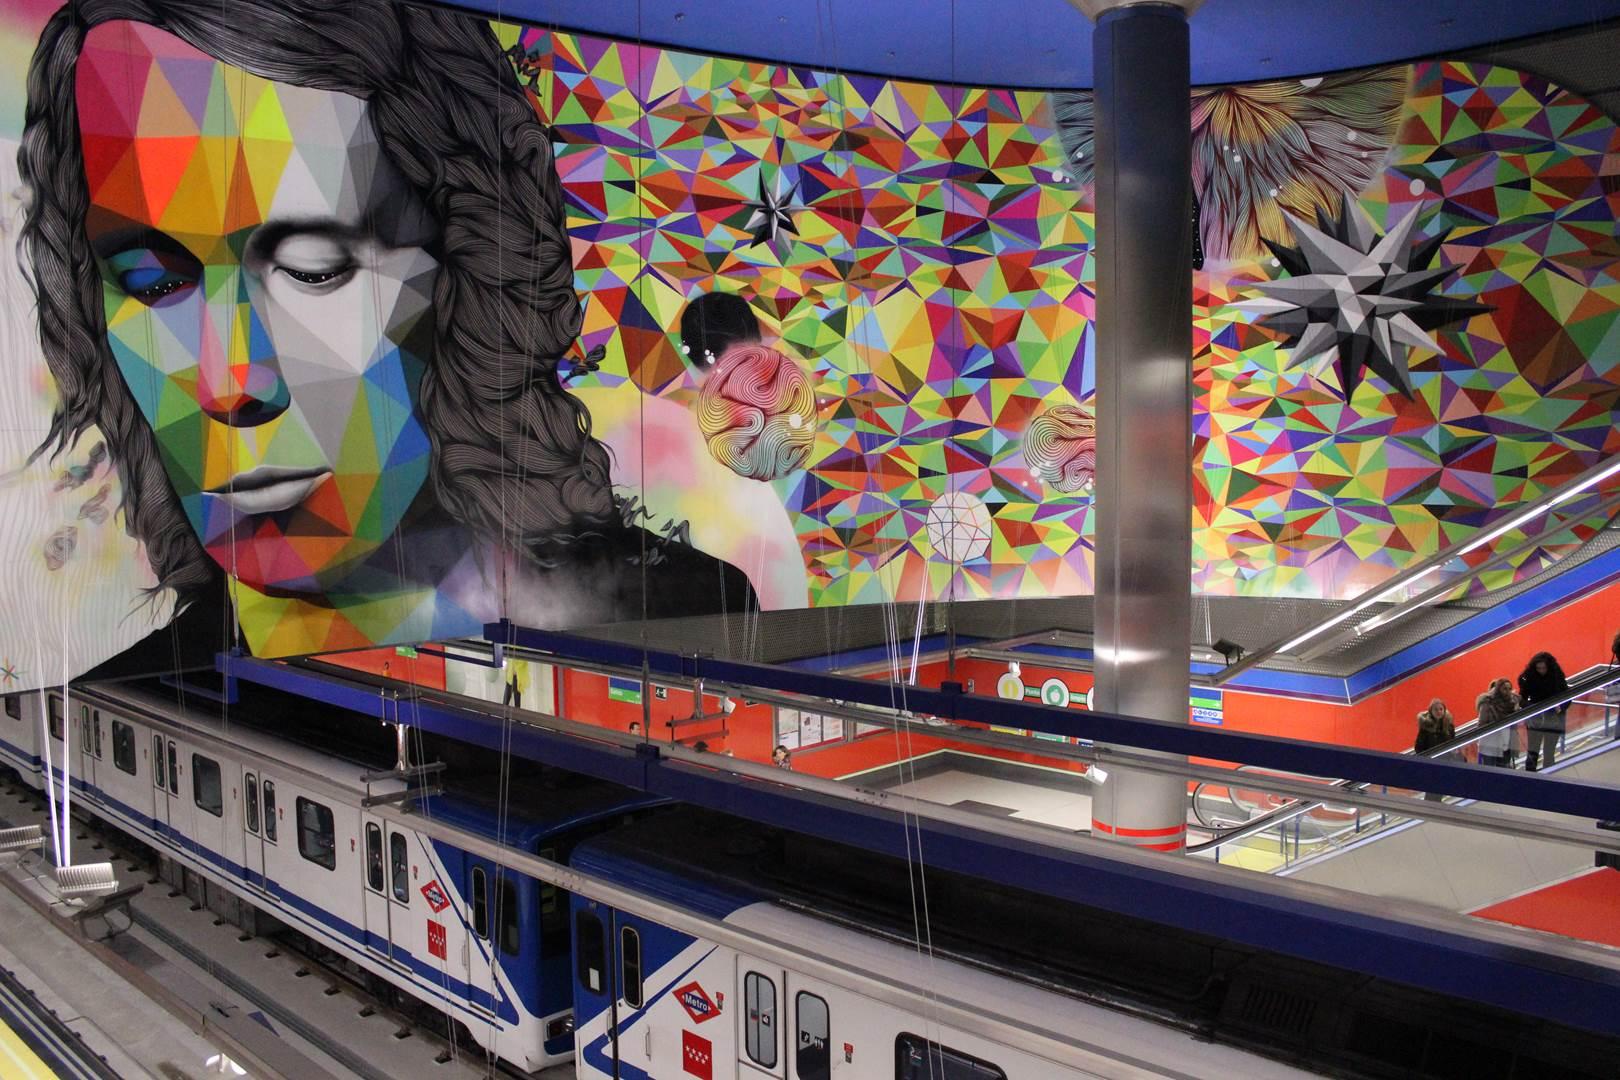 EstaciónPacodeLucía2015 (Copy)